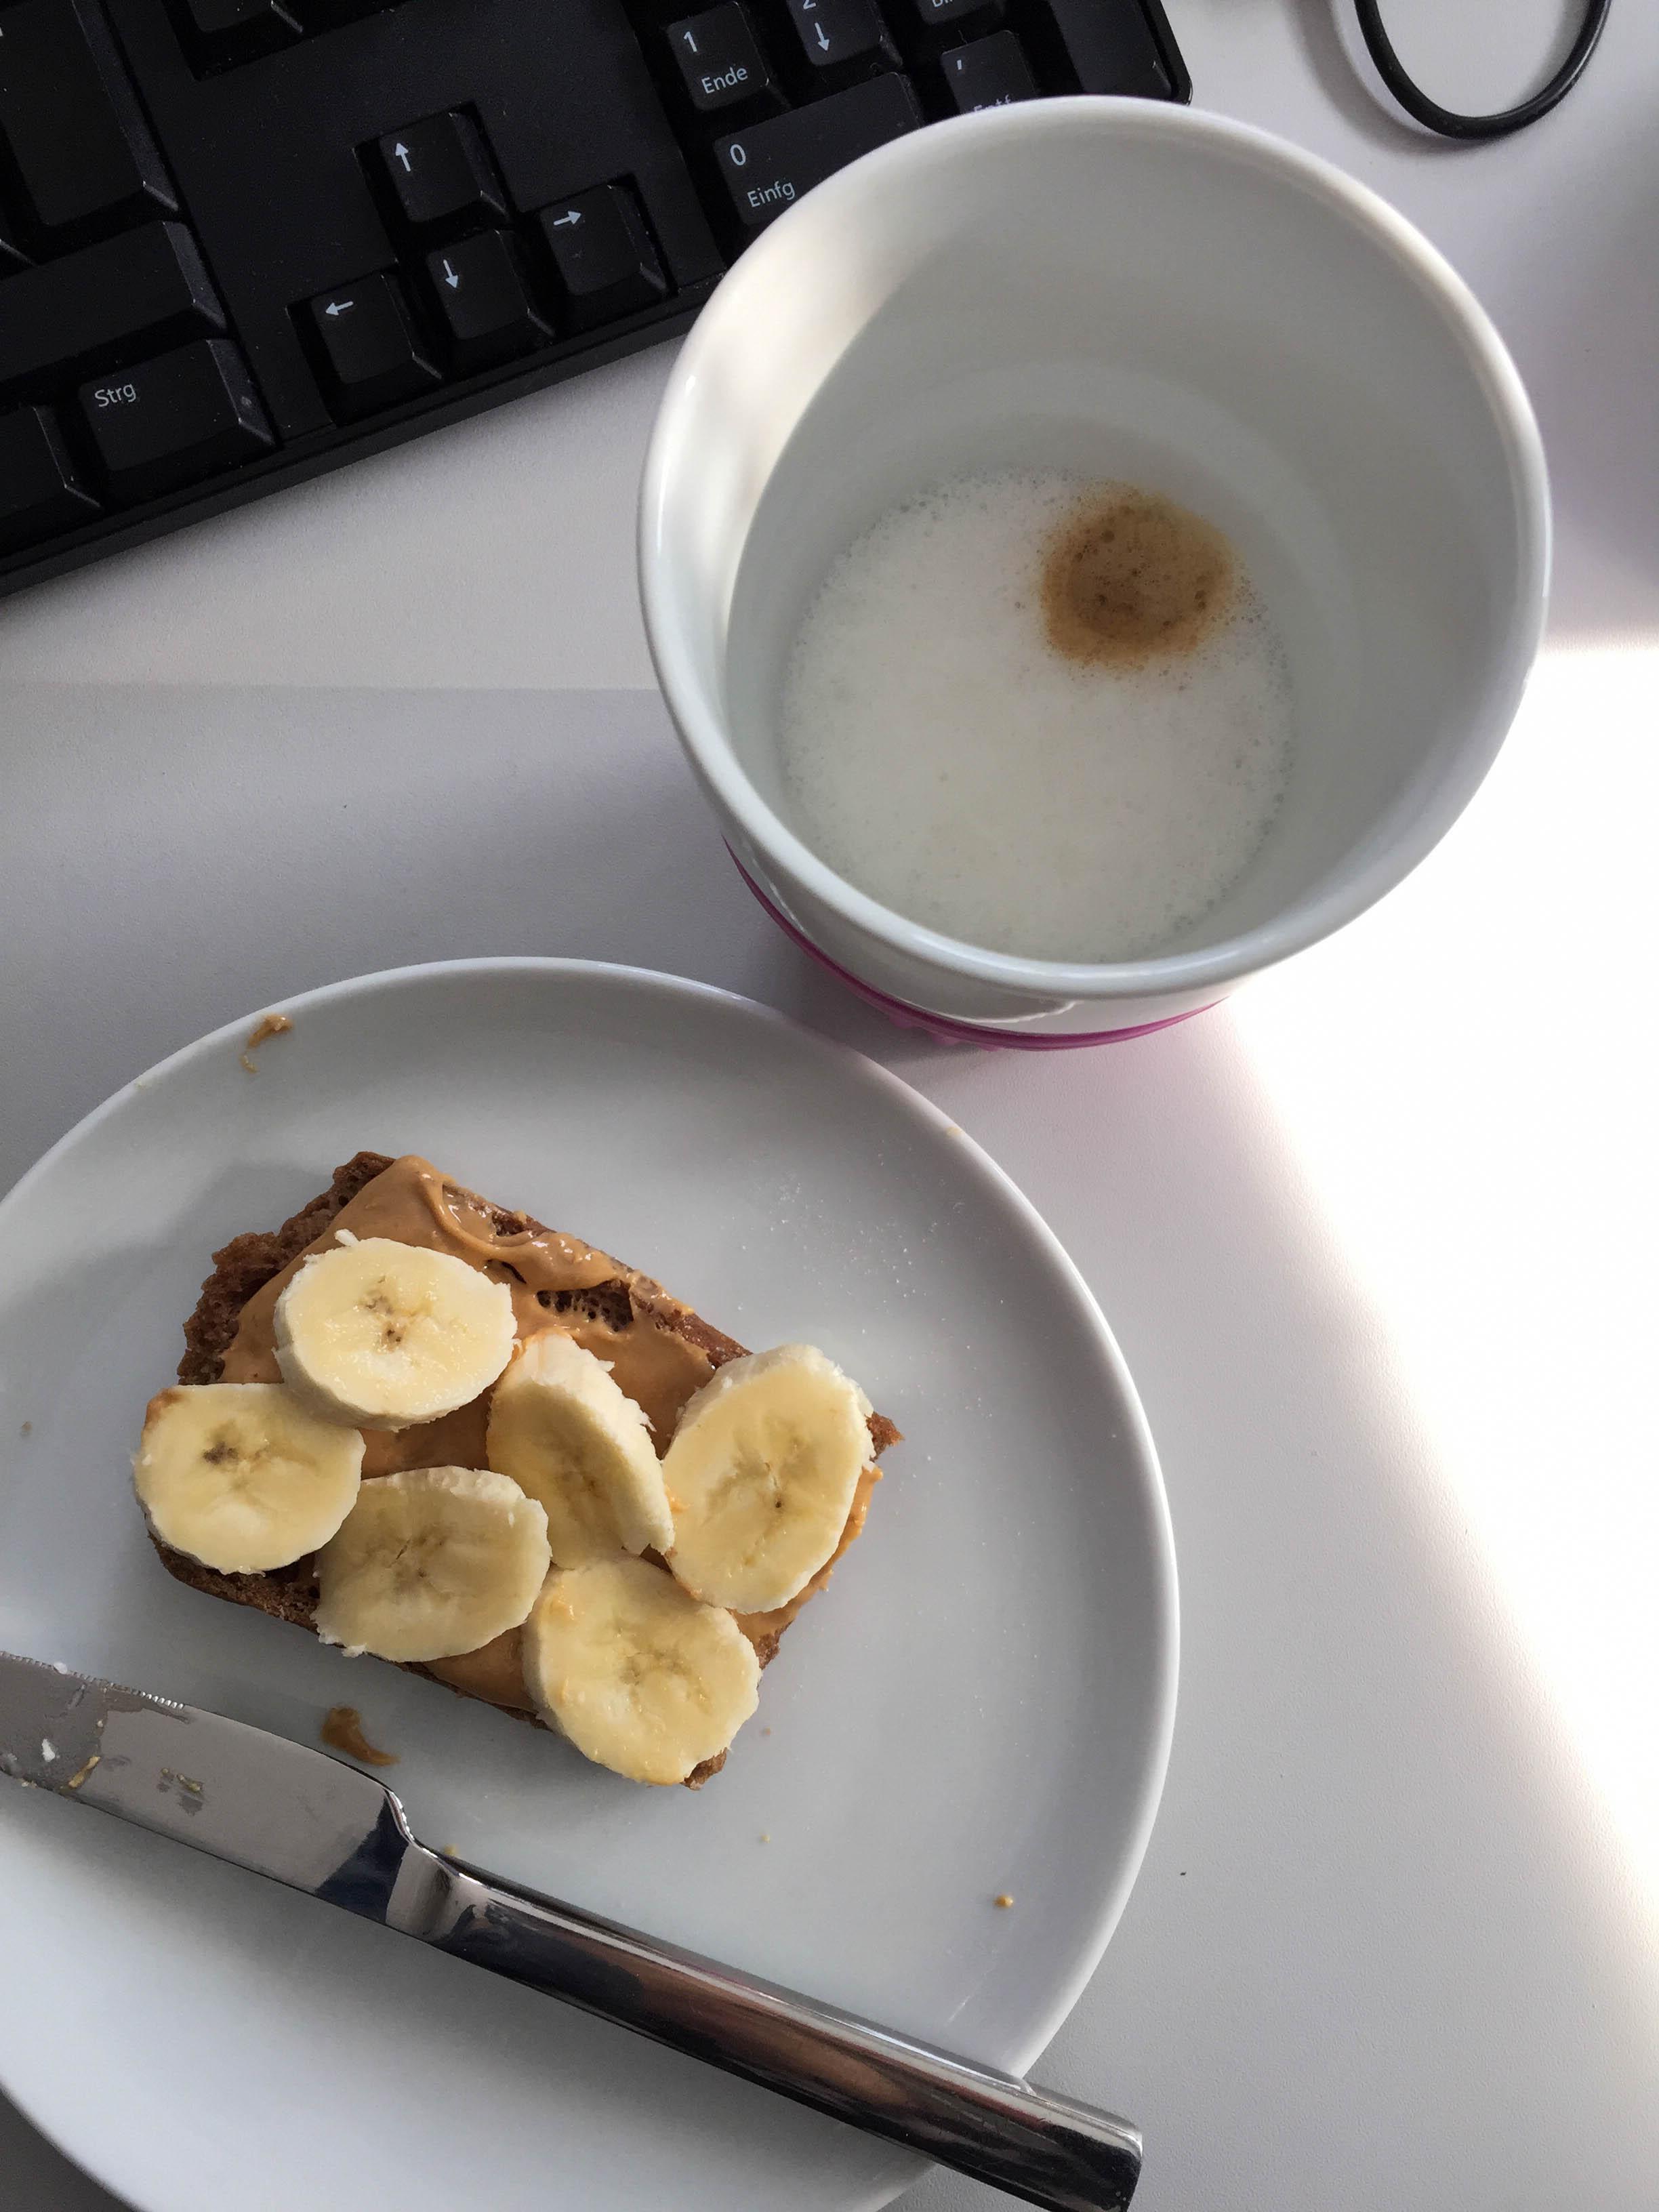 Bürofrühstück - Kaffee mit Mandelmilch, dazu ein Toast mit Cashewbutter und Banane.